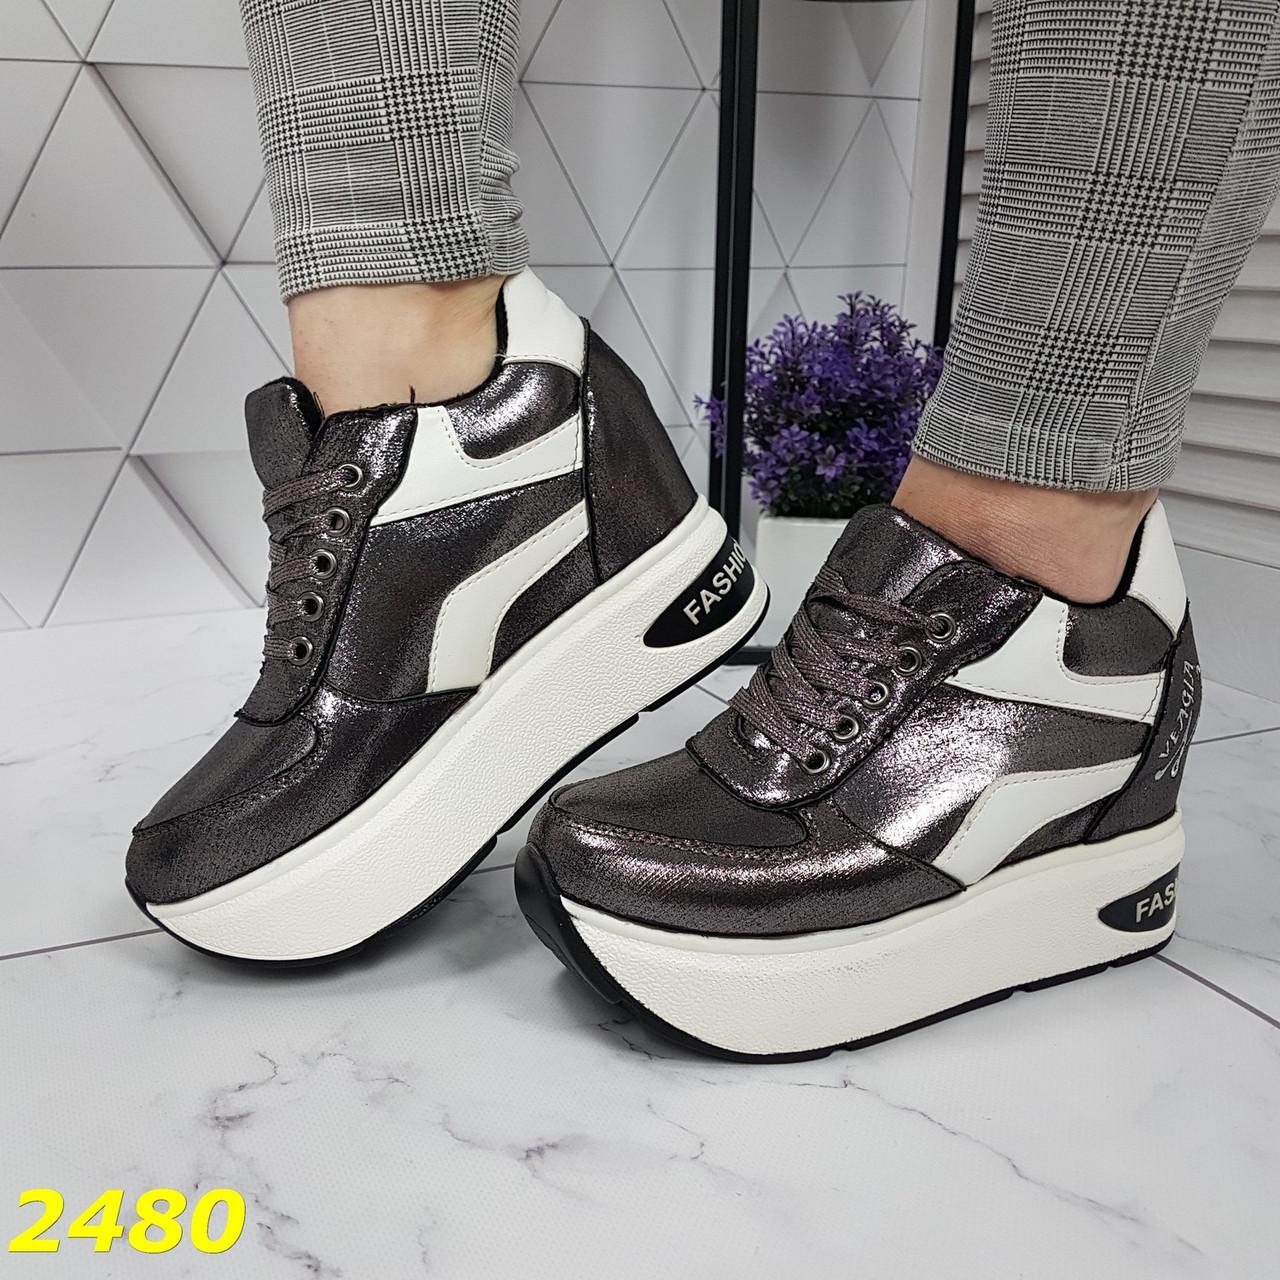 Кросівки снікерси на високій платформі з танкеткою графіт 38, 40, 41 р. (2480)